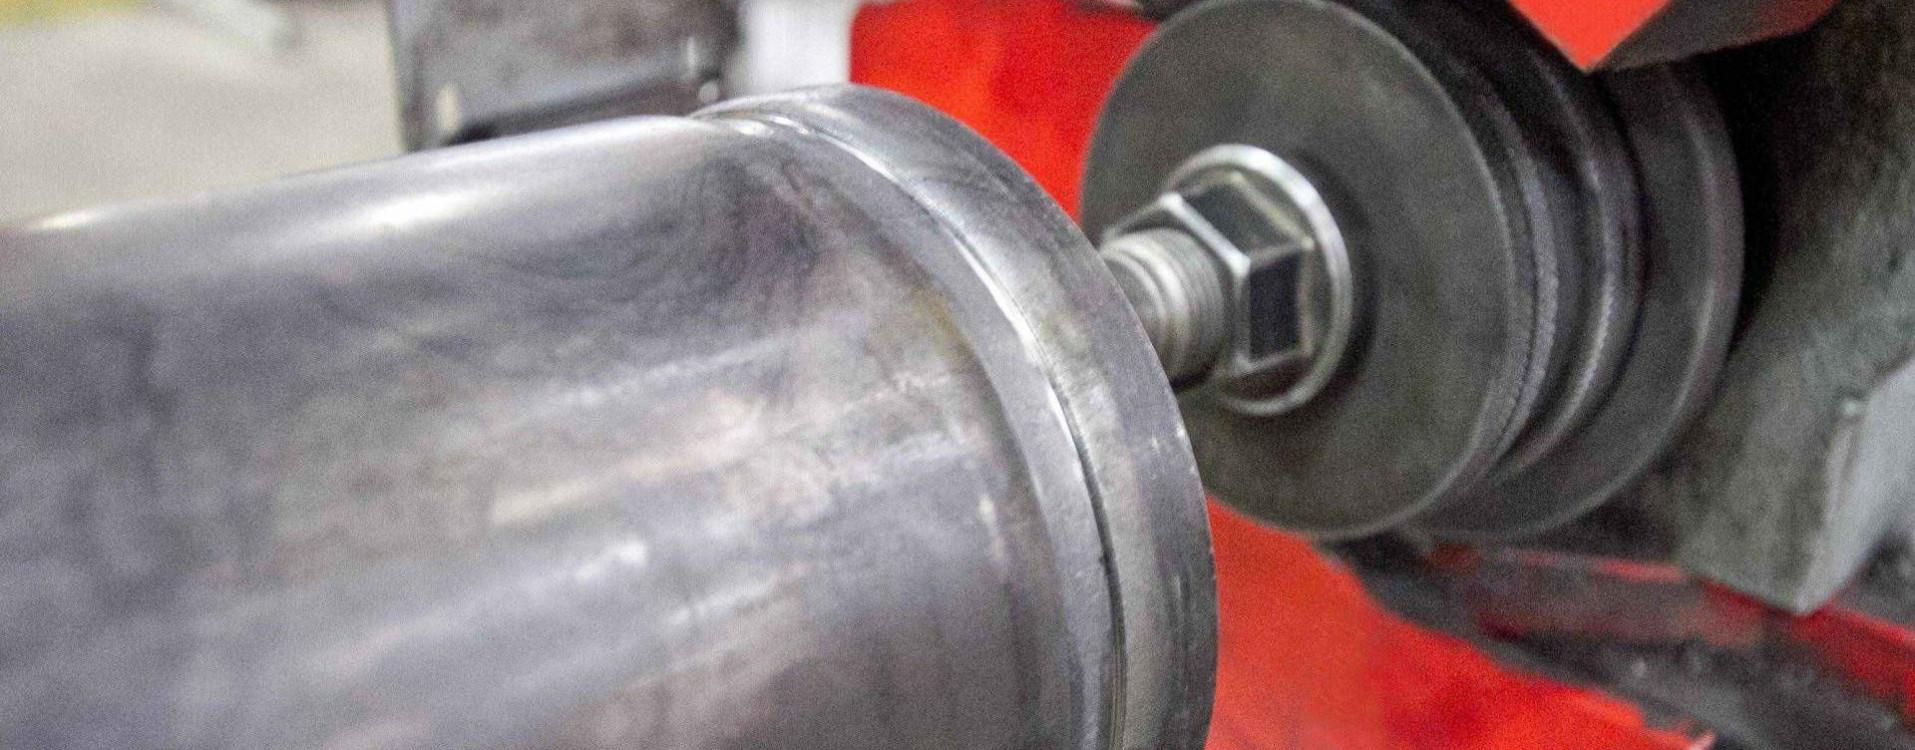 Grovatura del tubo acciaio